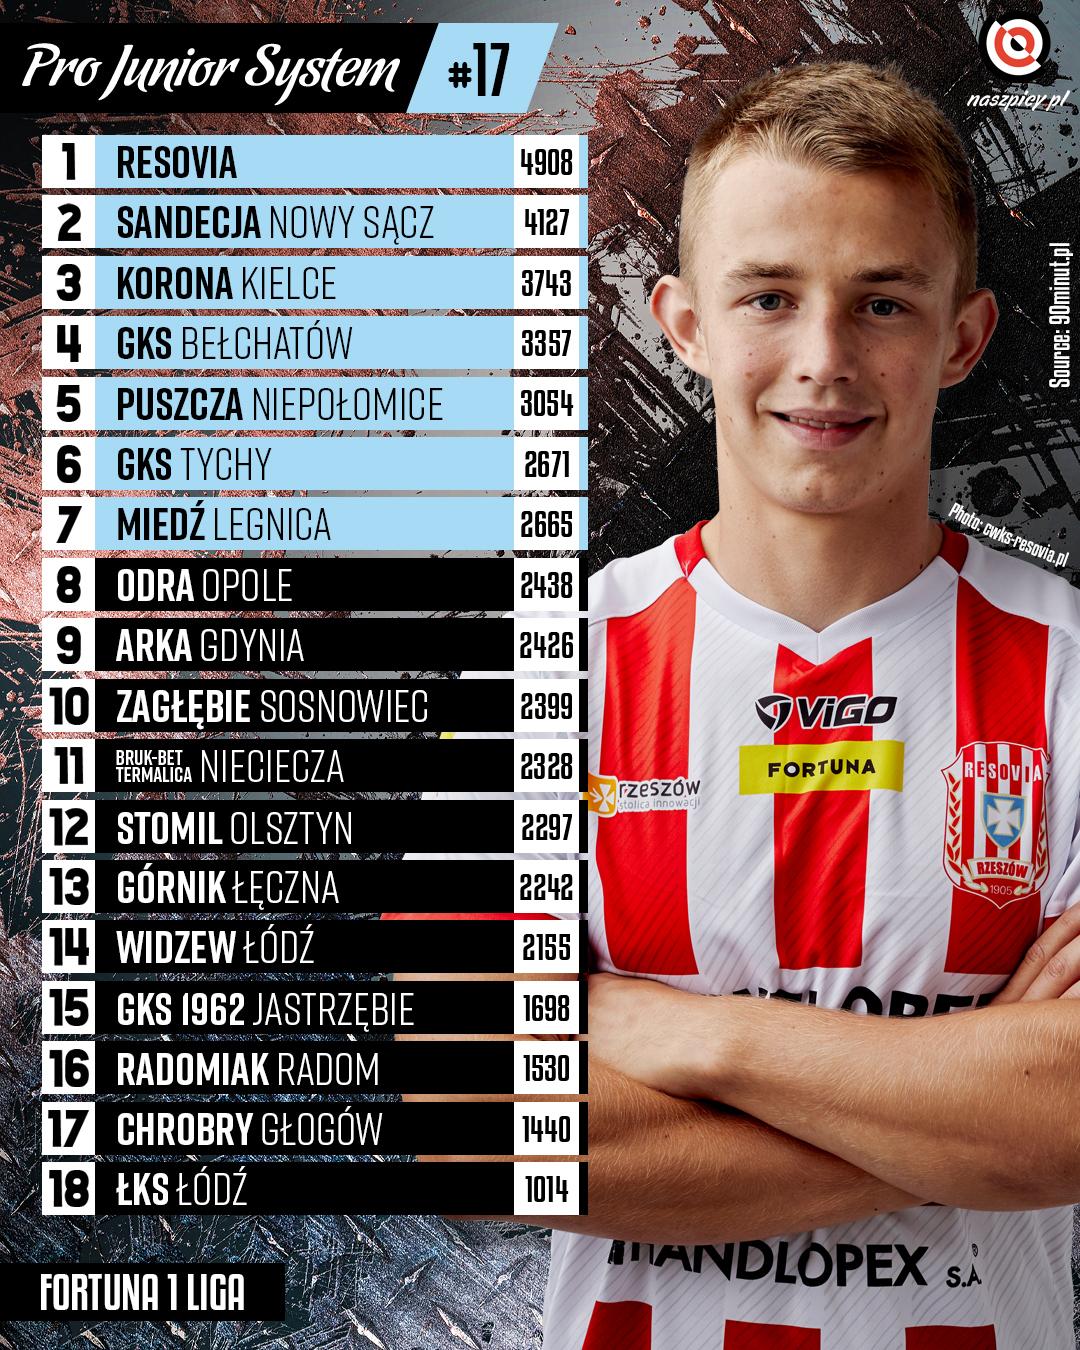 Punktacja Pro Junior System po 17. kolejce Fortuna 1 Ligi<br><br>Źródło: Opracowanie własne na podstawie 90minut.pl<br><br>fot. Bruk-Bet Termalica Nieciecza / termalica.brukbet.com<br><br>graf. Bartosz Urban